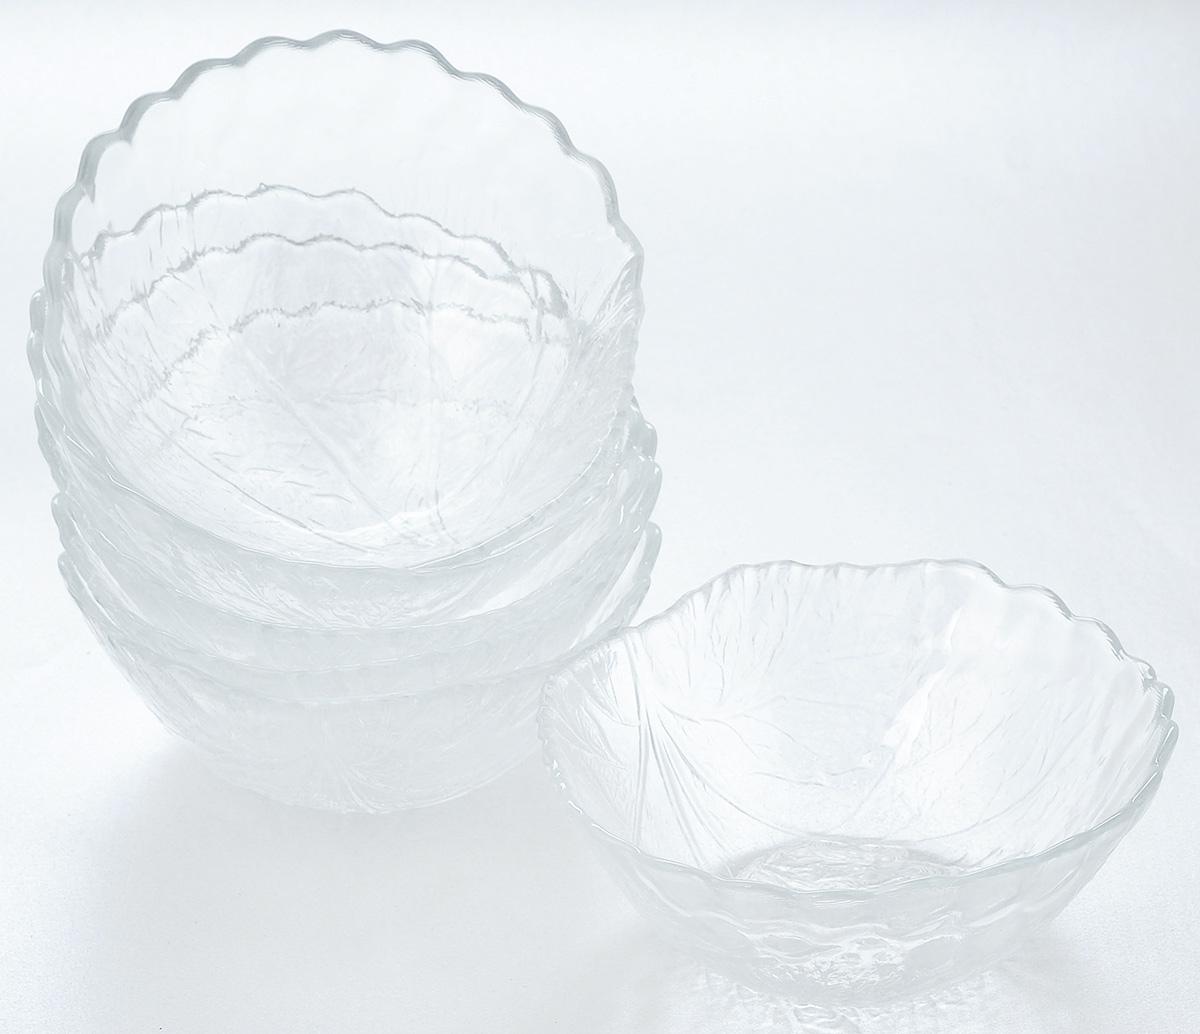 Набор салатников Pasabahce Султана, диаметр 12 см, 6 шт10286BНабор Pasabahce Султана состоит из 6 салатников, выполненных из высококачественного натрий-кальций-силикатного стекла. Такие салатники прекрасно подойдут для сервировки стола и станут достойным оформлением для ваших любимых блюд. Высокое качество и функциональность набора позволят ему стать достойным дополнением к вашему кухонному инвентарю.Можно мыть в посудомоечной машине и использовать в СВЧ.Диаметр салатника (по верхнему краю): 12 см.Высота салатника: 4,5 см.